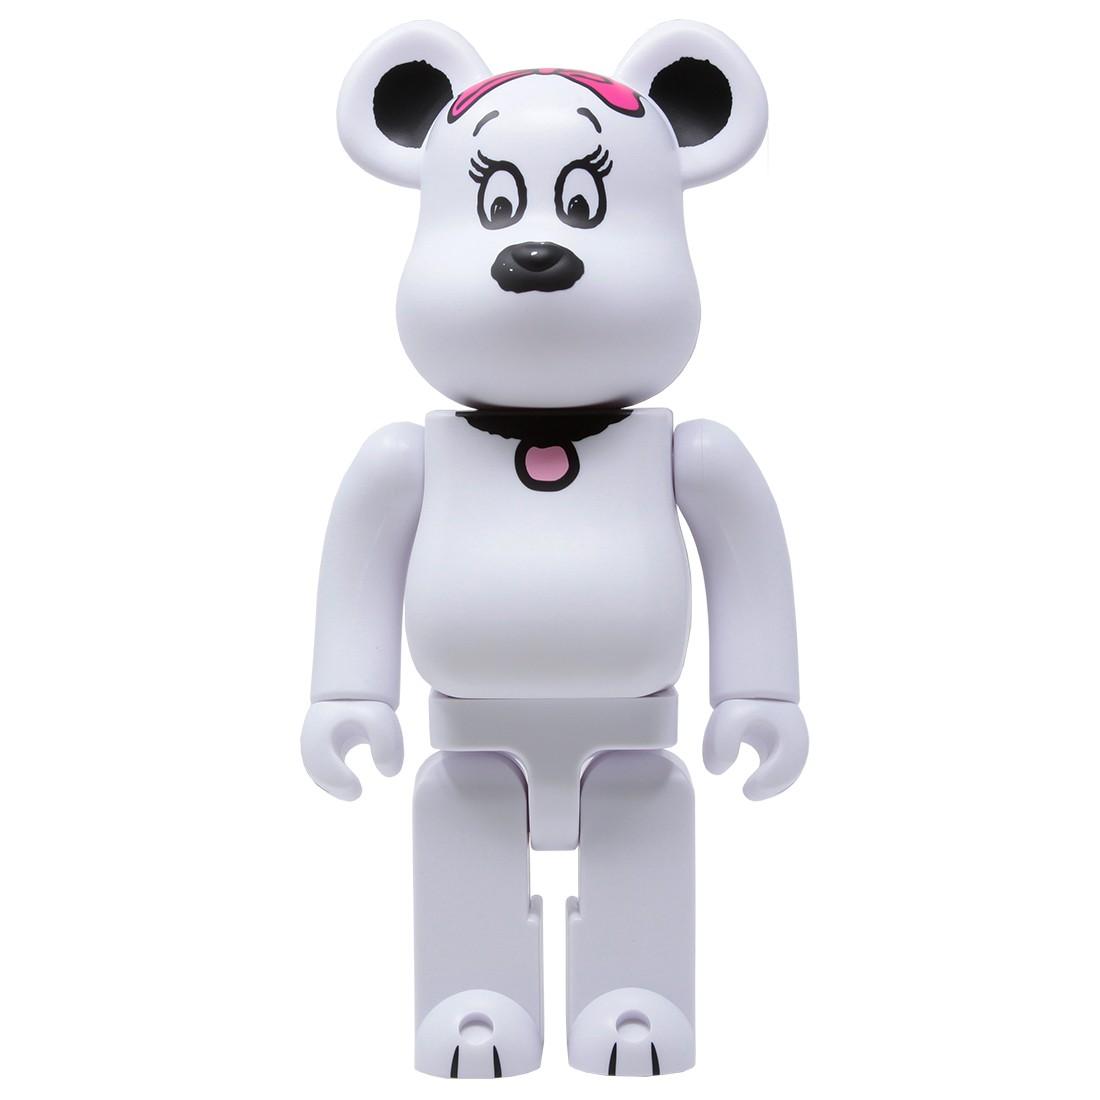 Medicom Peanuts Belle 400% Bearbrick Figure (white)